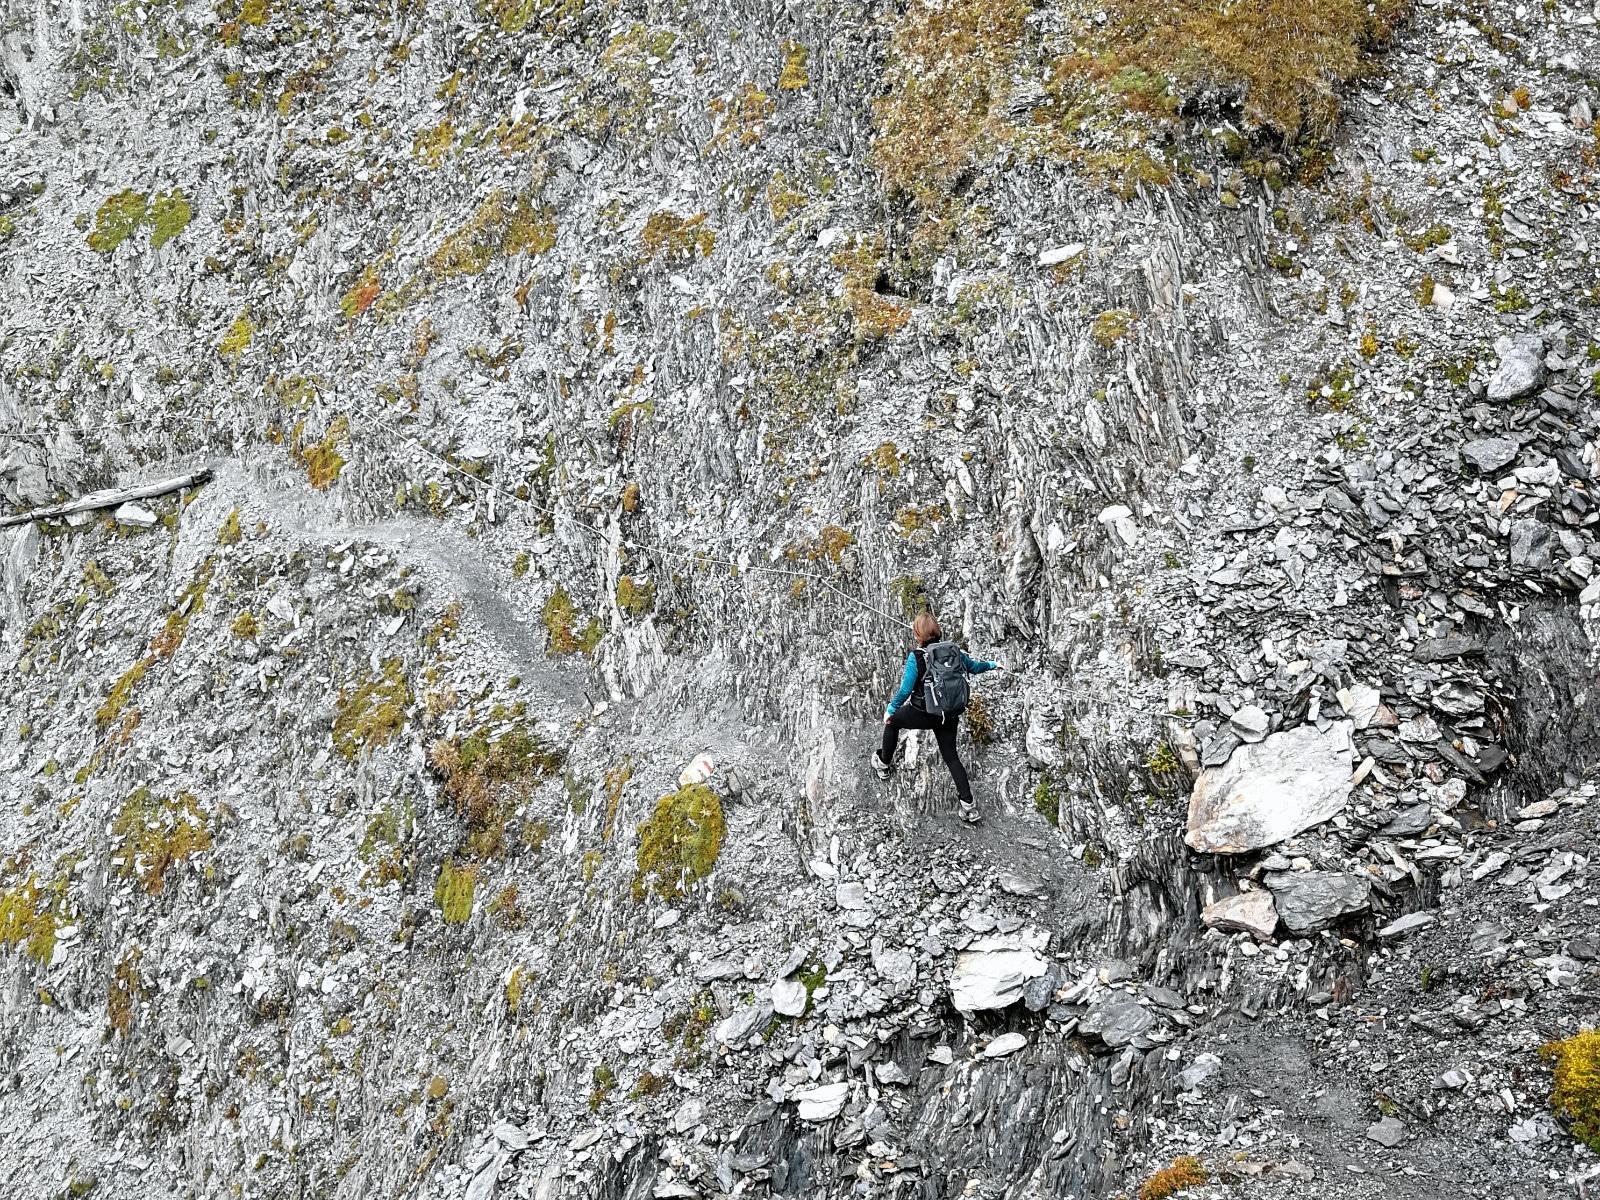 Abenteuerliche Wegführung auf dem Weg zur Lucknerhütte